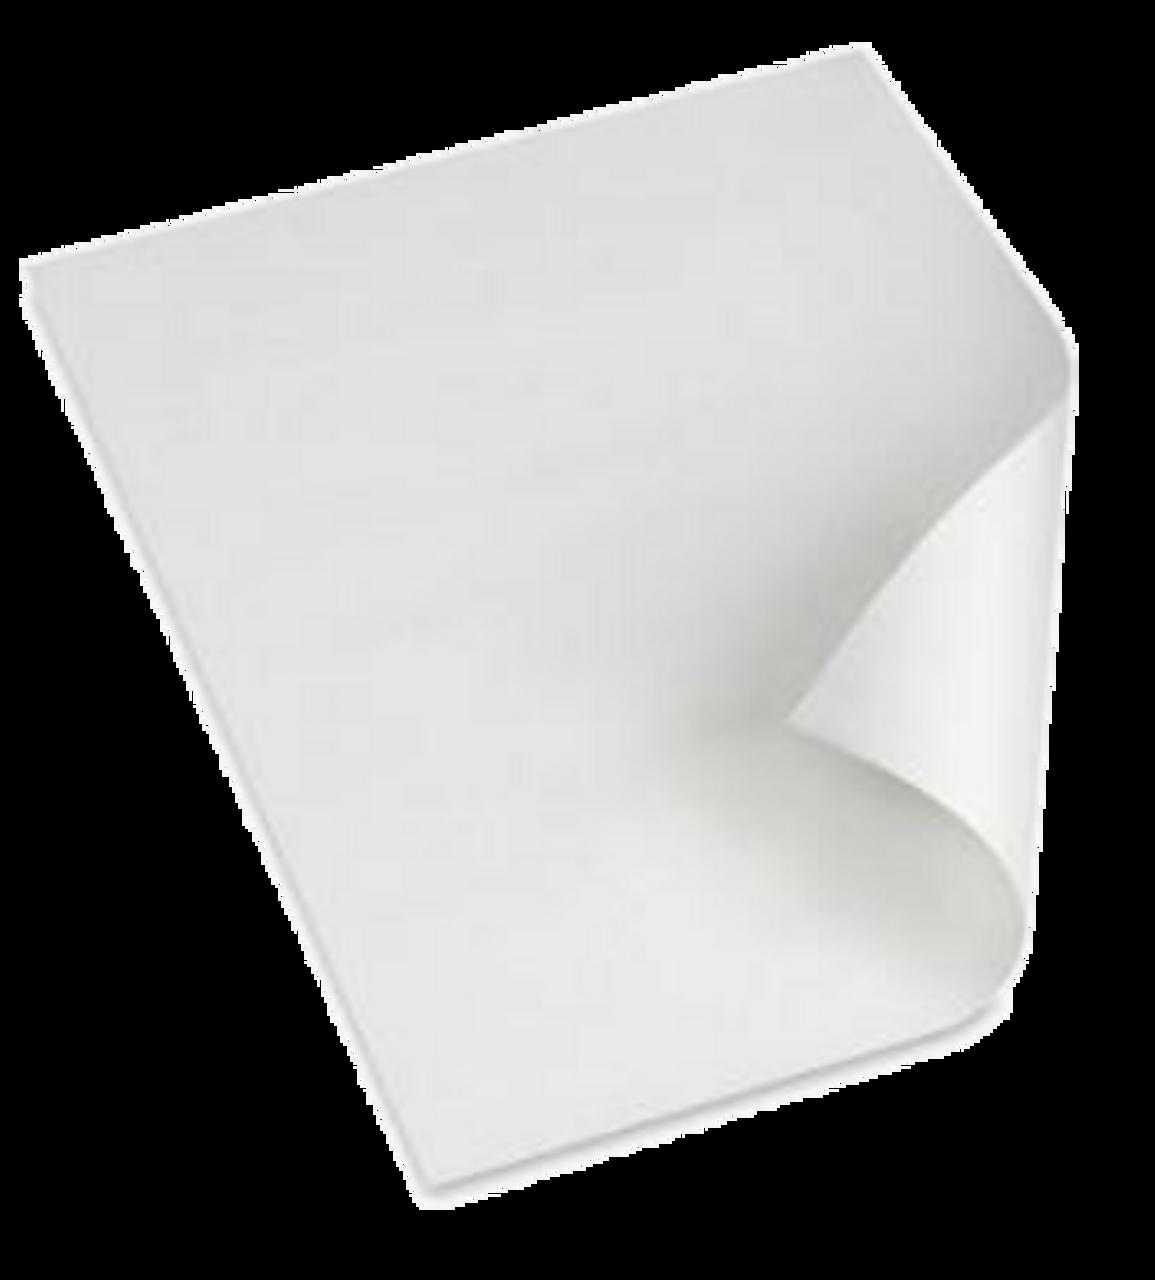 Inkjet Plotter Paper 20lb 17 X 22 200 Shts 730102